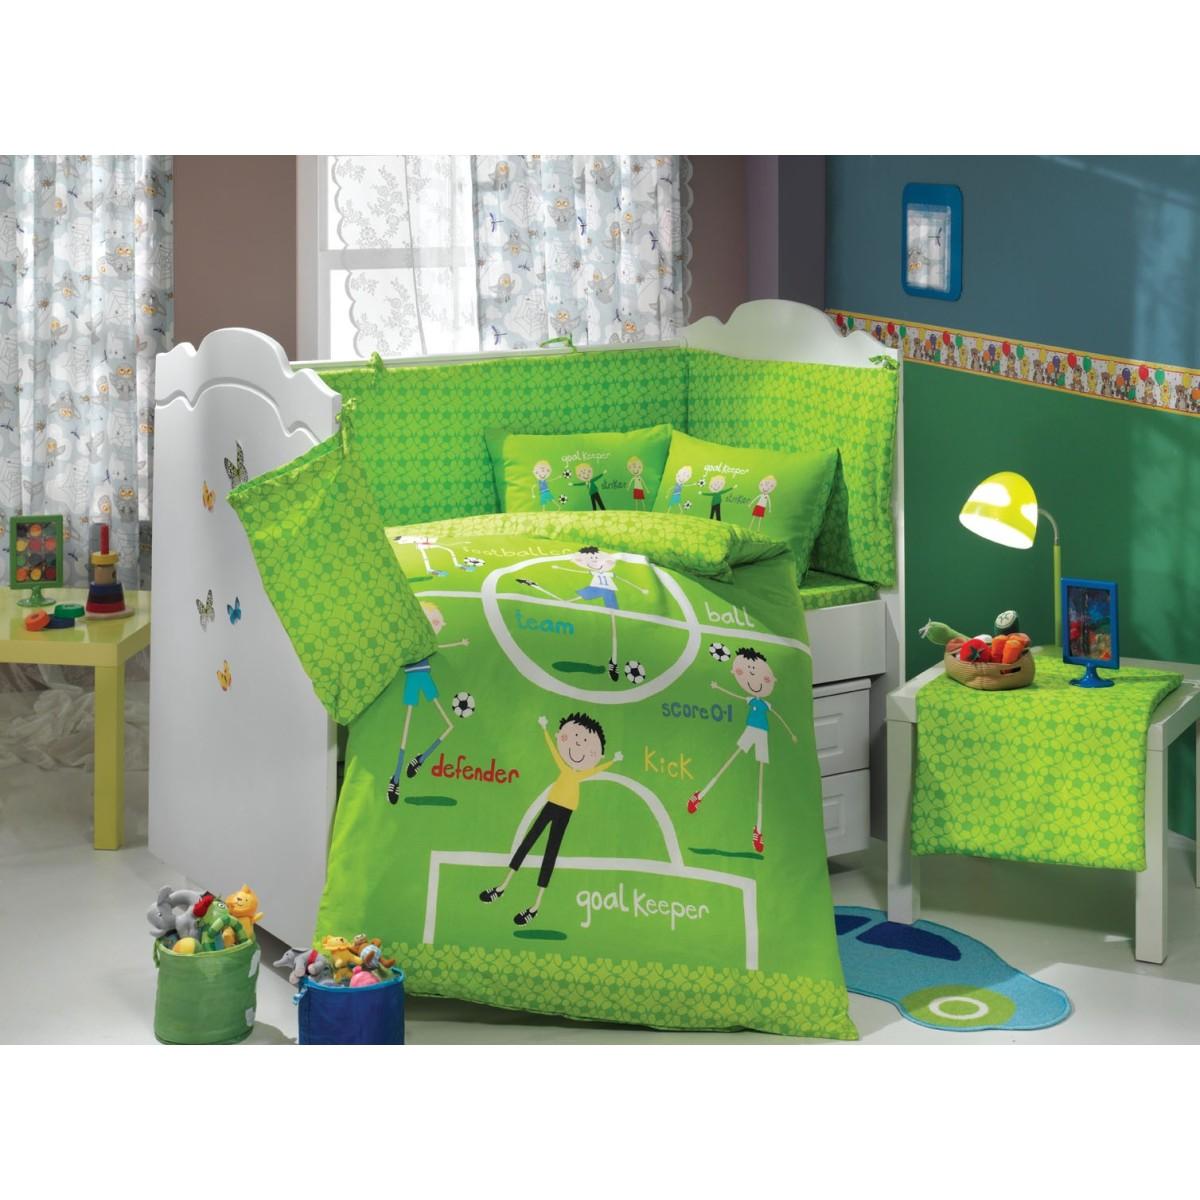 Комплект Постельного Белья В Кроватку Hobby Home Collection Soccer 1501001785 Поплин